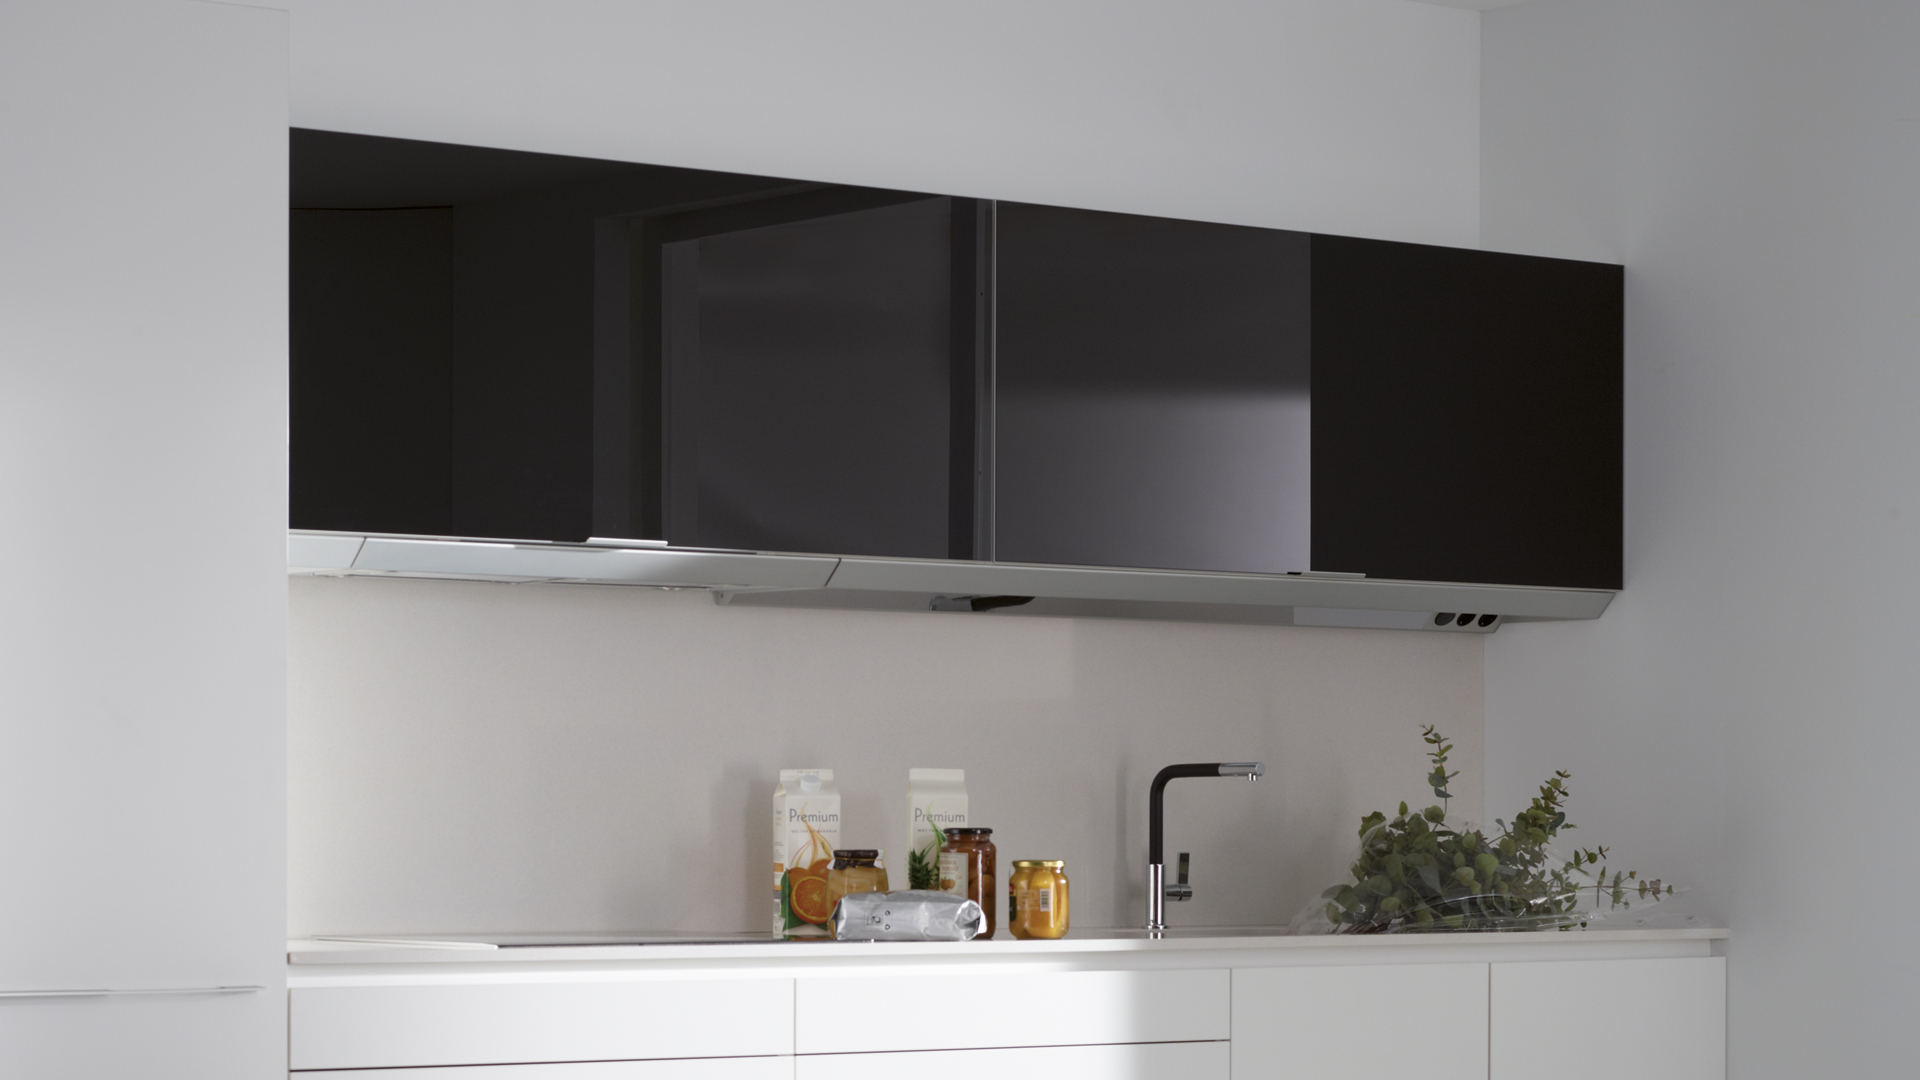 Cocina negra pequeña Santiago Interiores